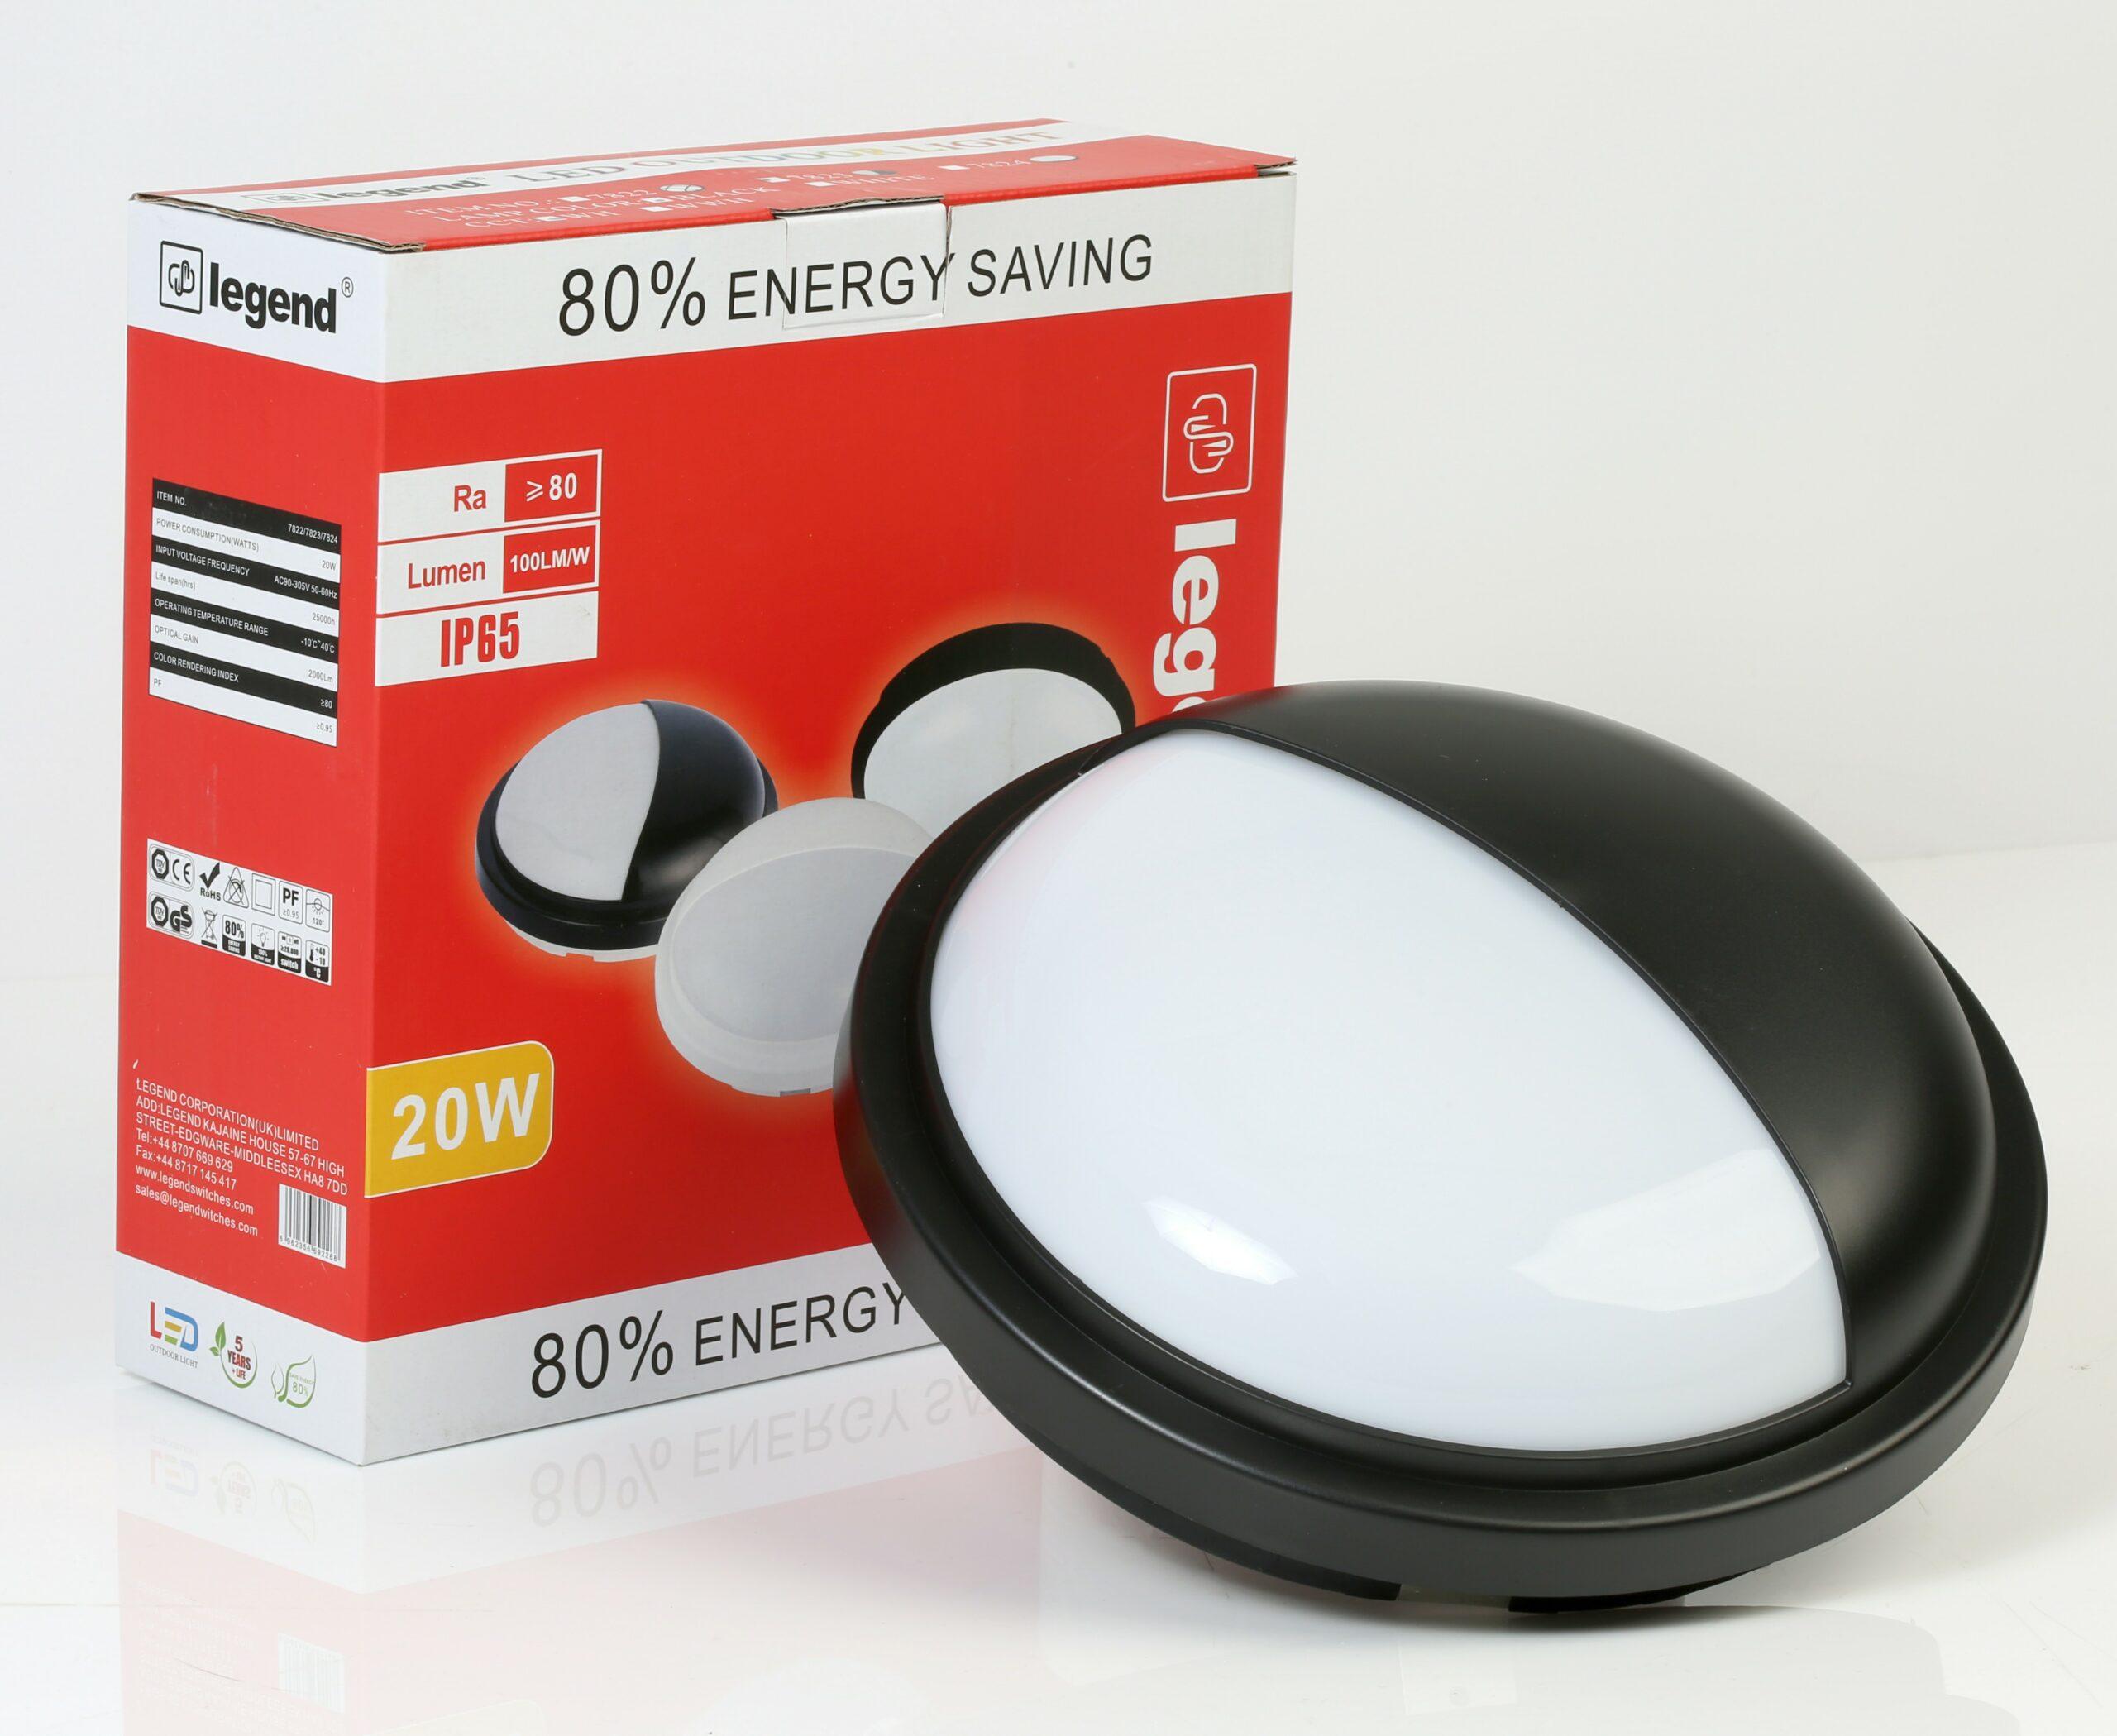 20W LED OUTDOOR BULKHEAD WATERPROO -7823-BK